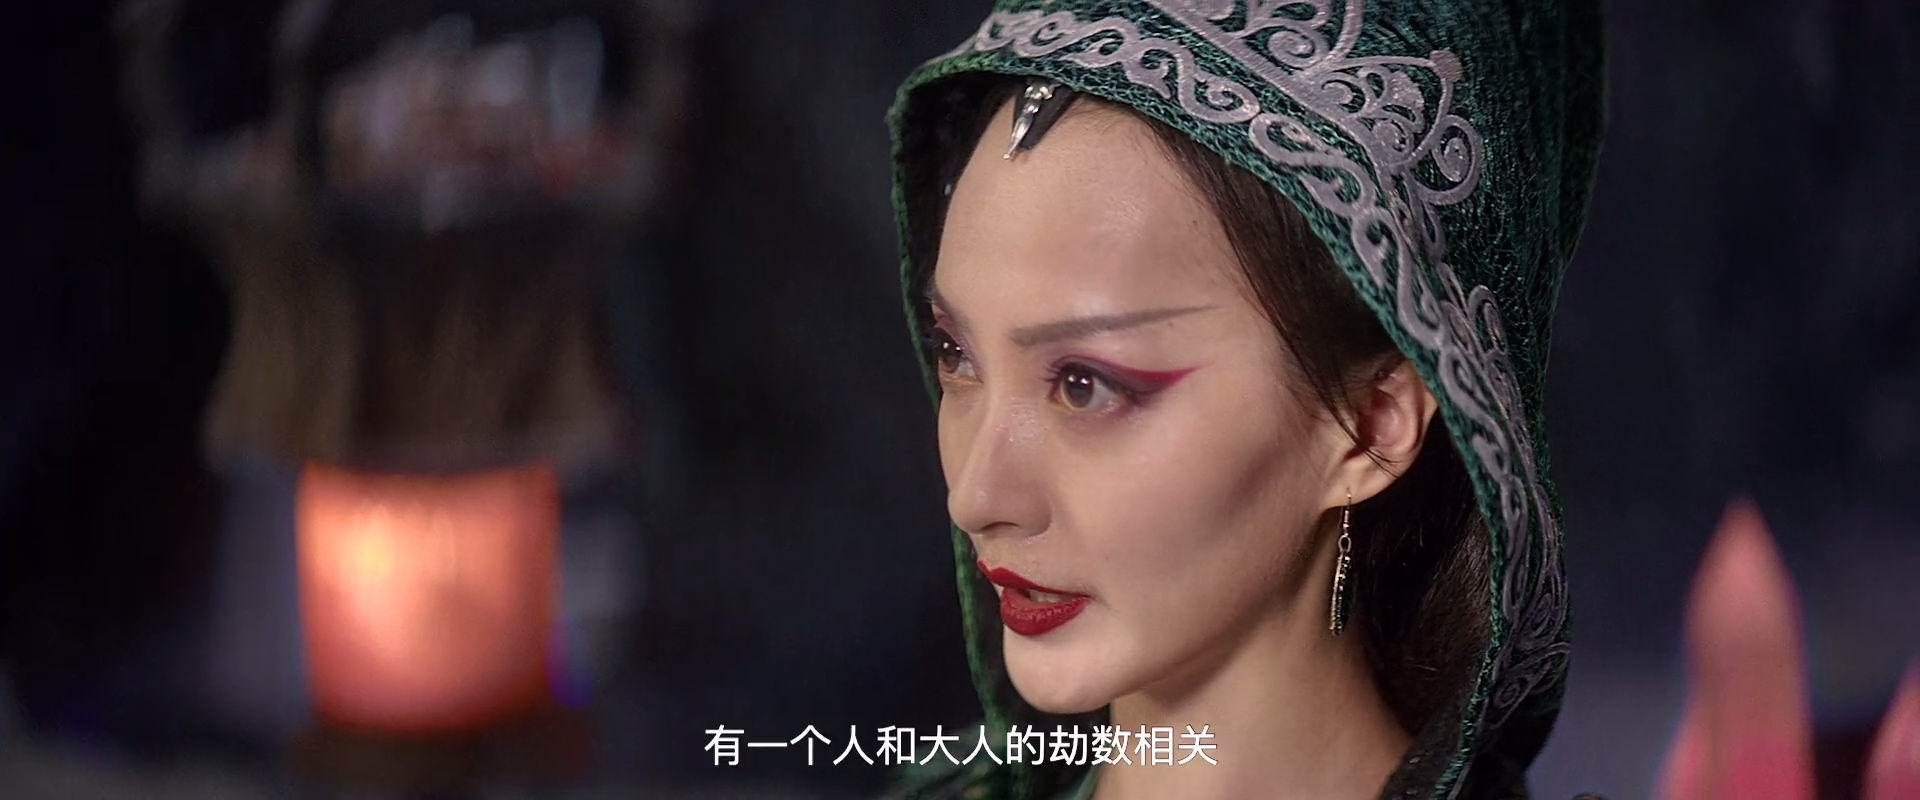 [济公:降龙罗汉][WEB-MKV/2G][国语中字][2021新片/1080p]